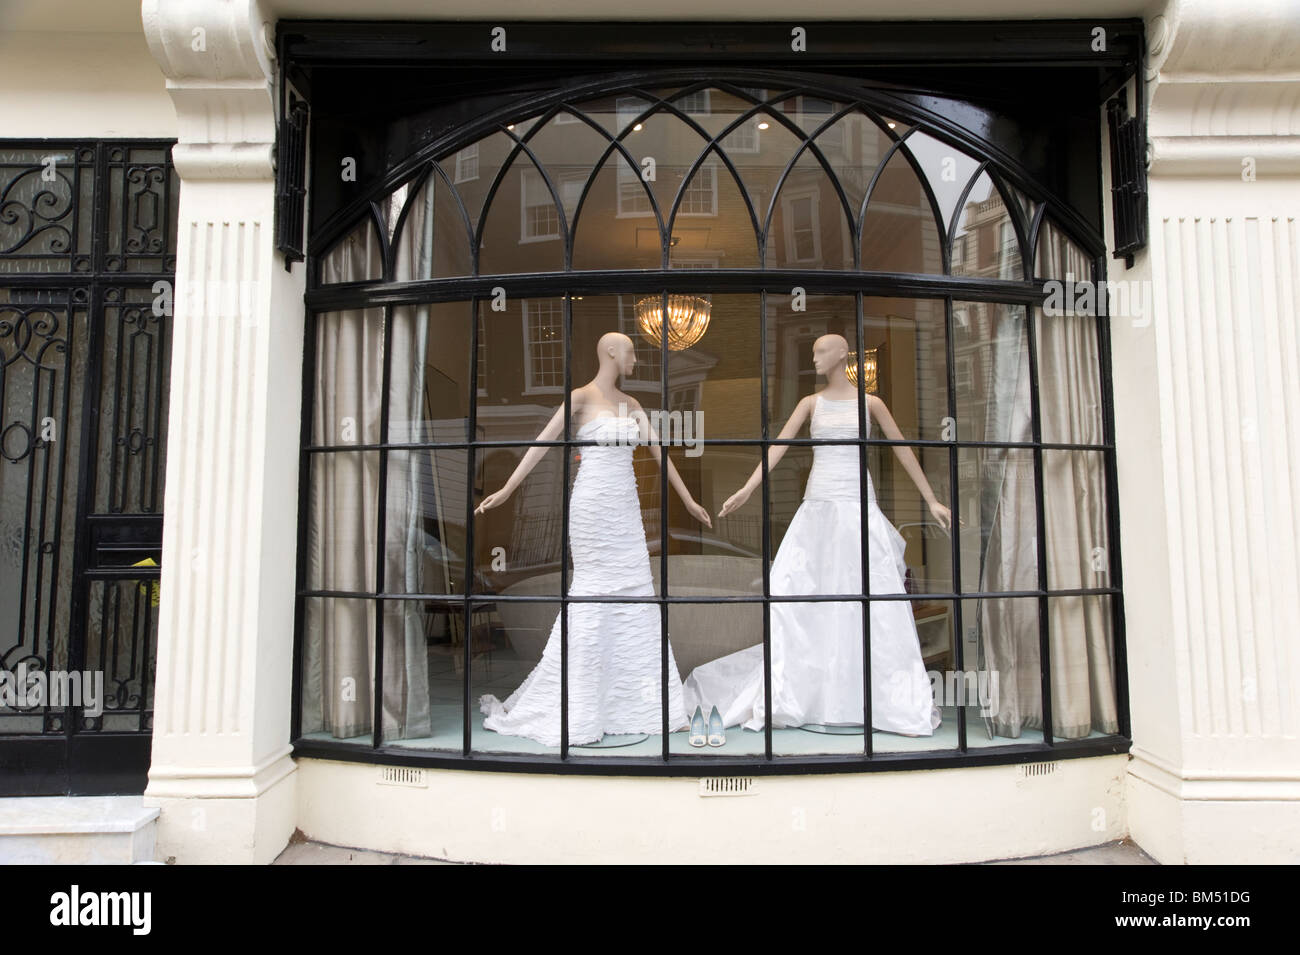 Bridal wear shop window, London, England, UK - Stock Image